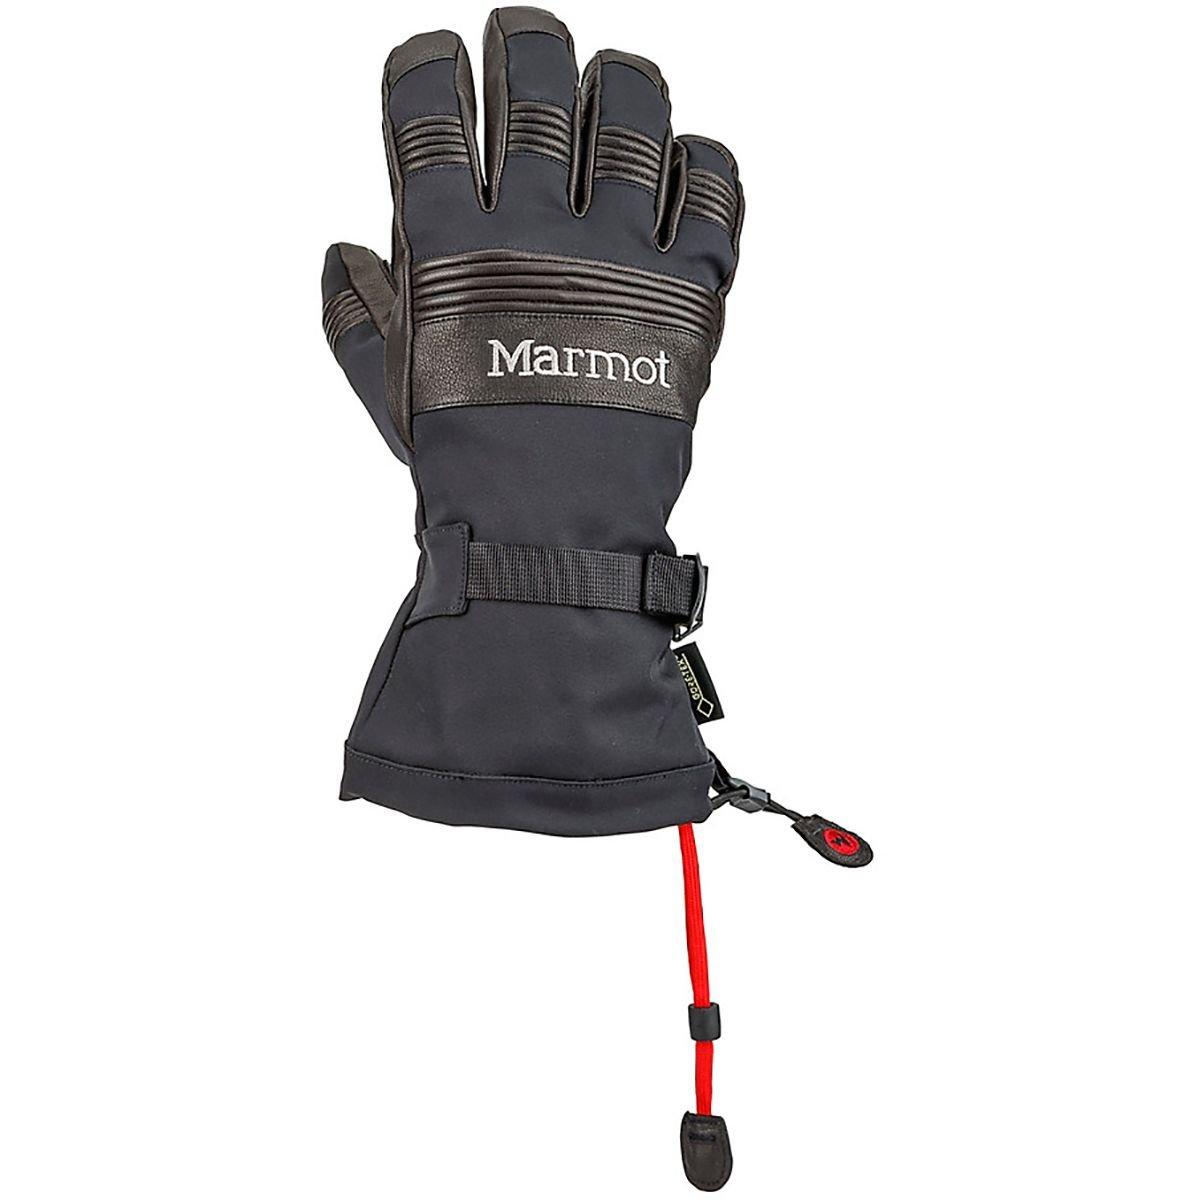 Marmot Ultimate Ski Glove - Men's Black, S